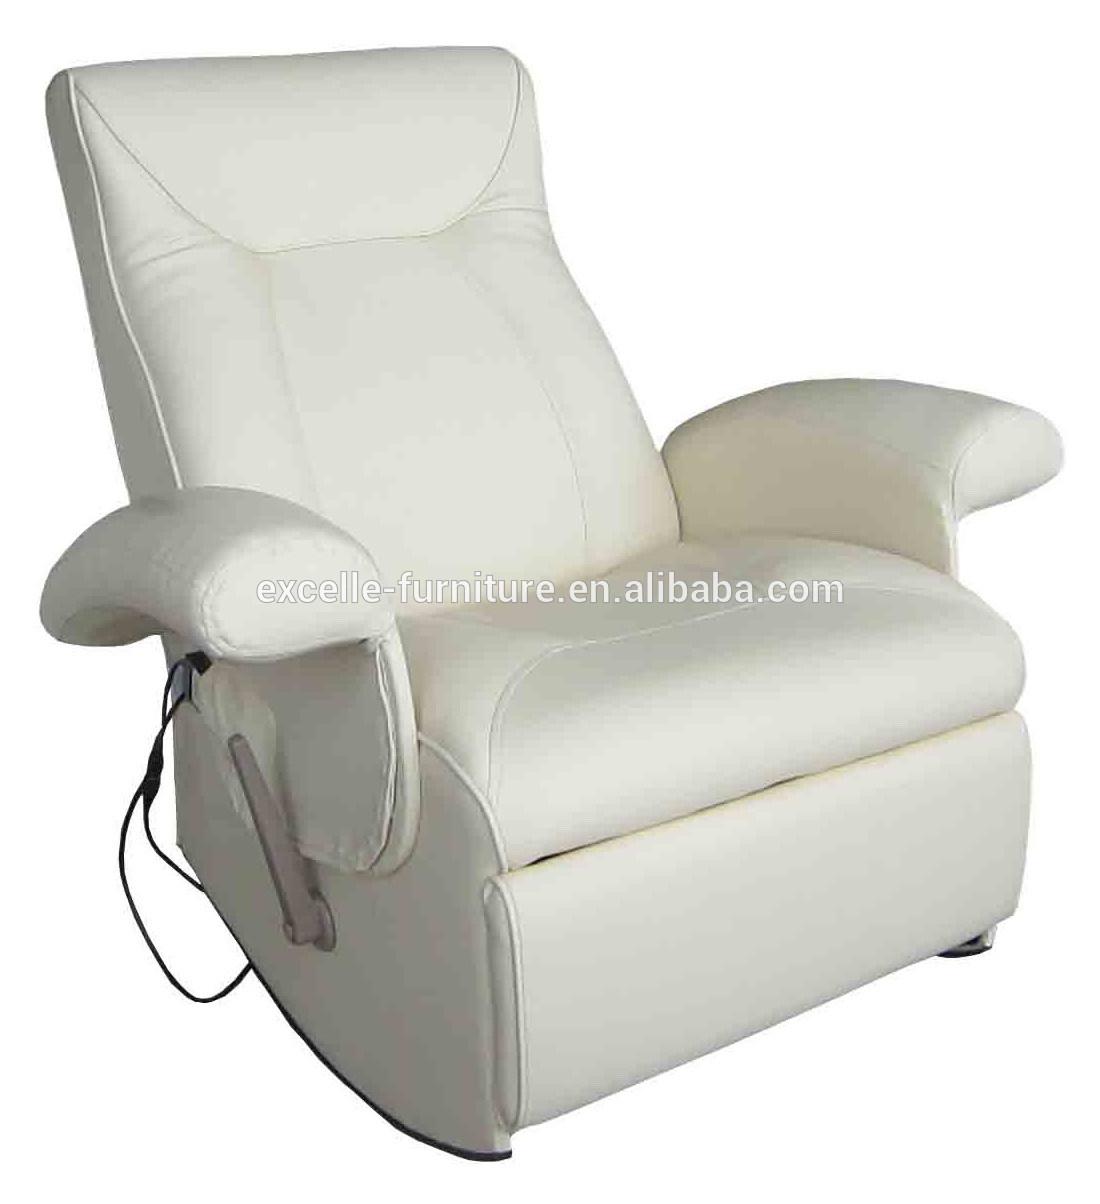 Massage chair body massager vibrator massager View